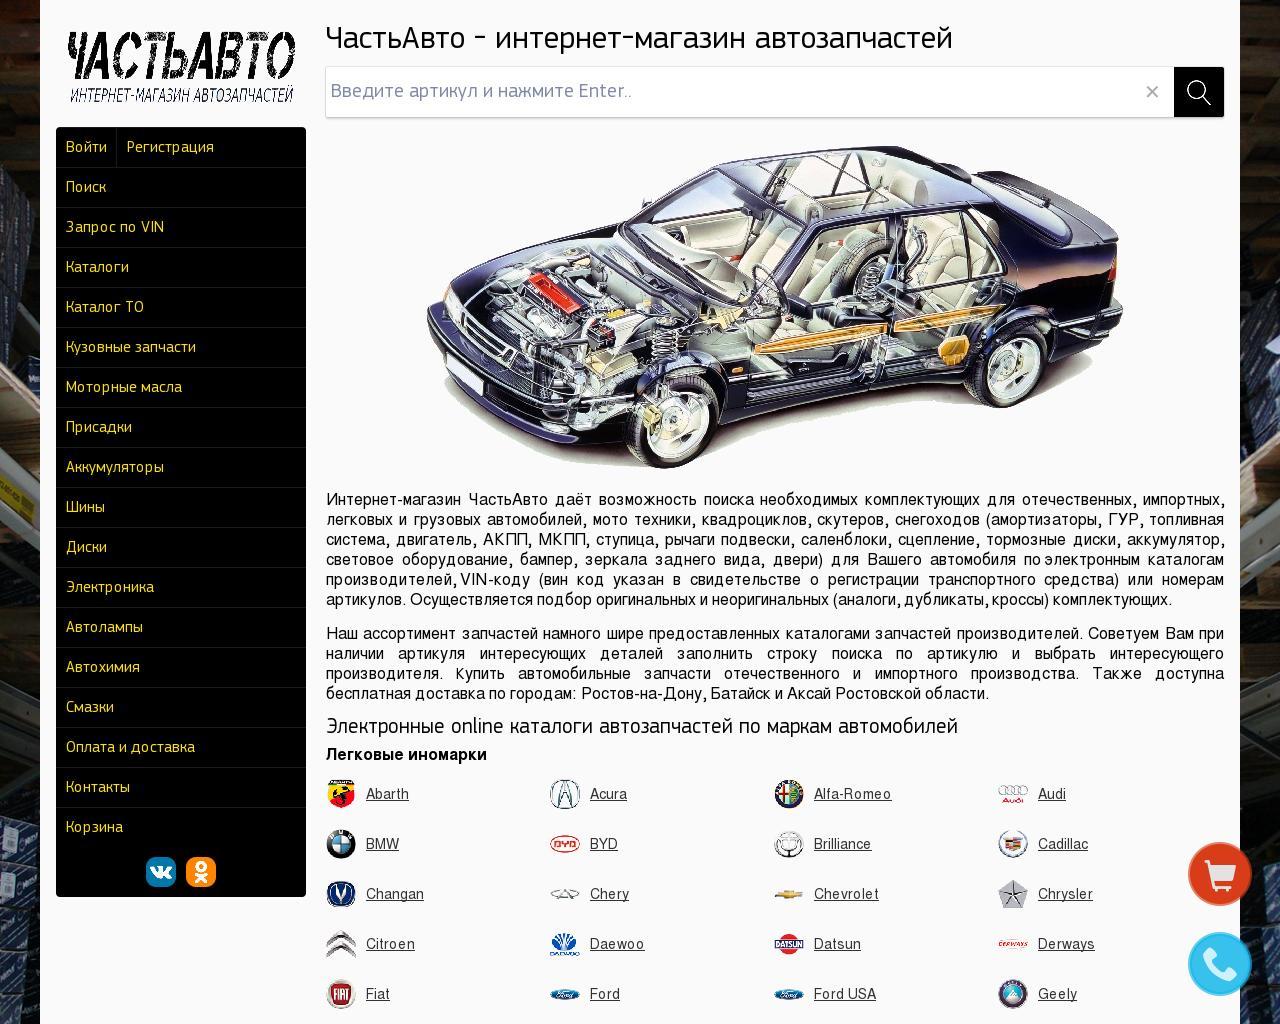 электронный каталог автозапчастей для иномарок настоящие монстры